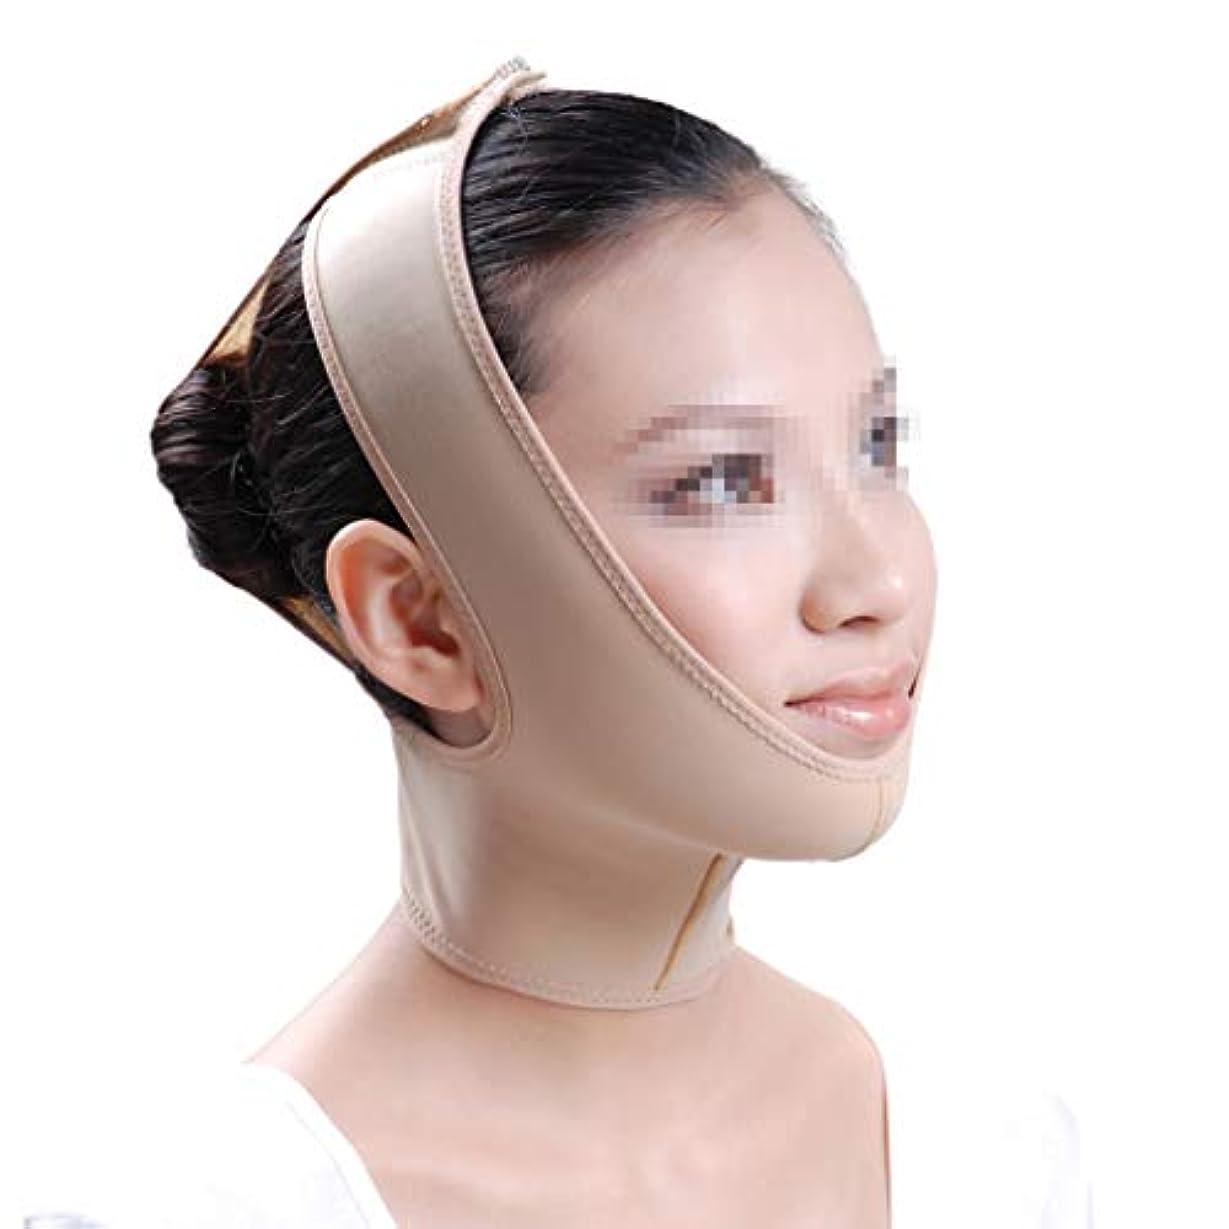 全くに慣れ普通のフェイスリフトマスク、ジョーネックスリーブネックダブルチンフェイス医療脂肪吸引術創傷フェイスマスクヘッド弾性スリーブ (Size : S)